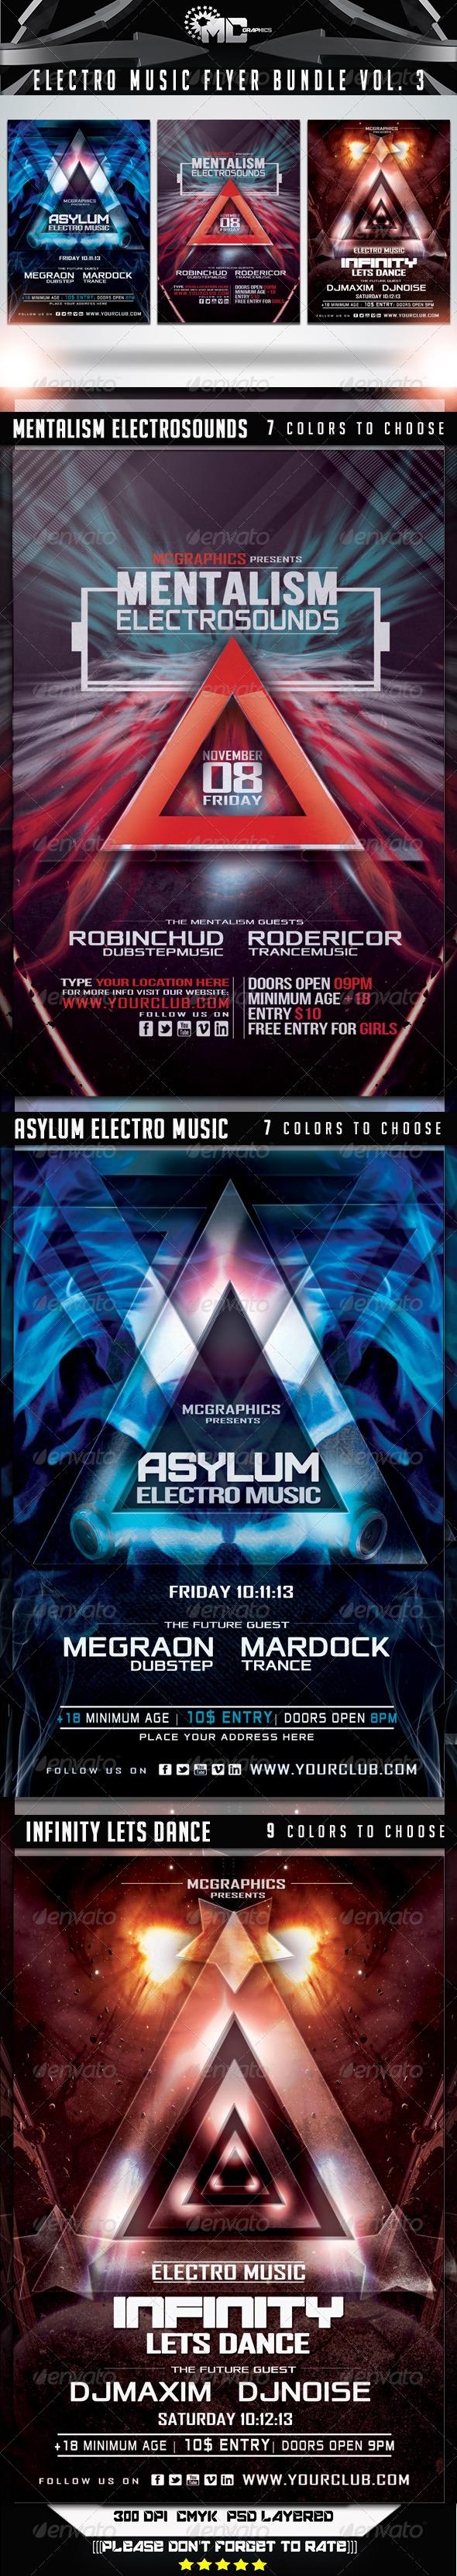 GraphicRiver Electro Music Flyer Bundle Vol 3 6899849